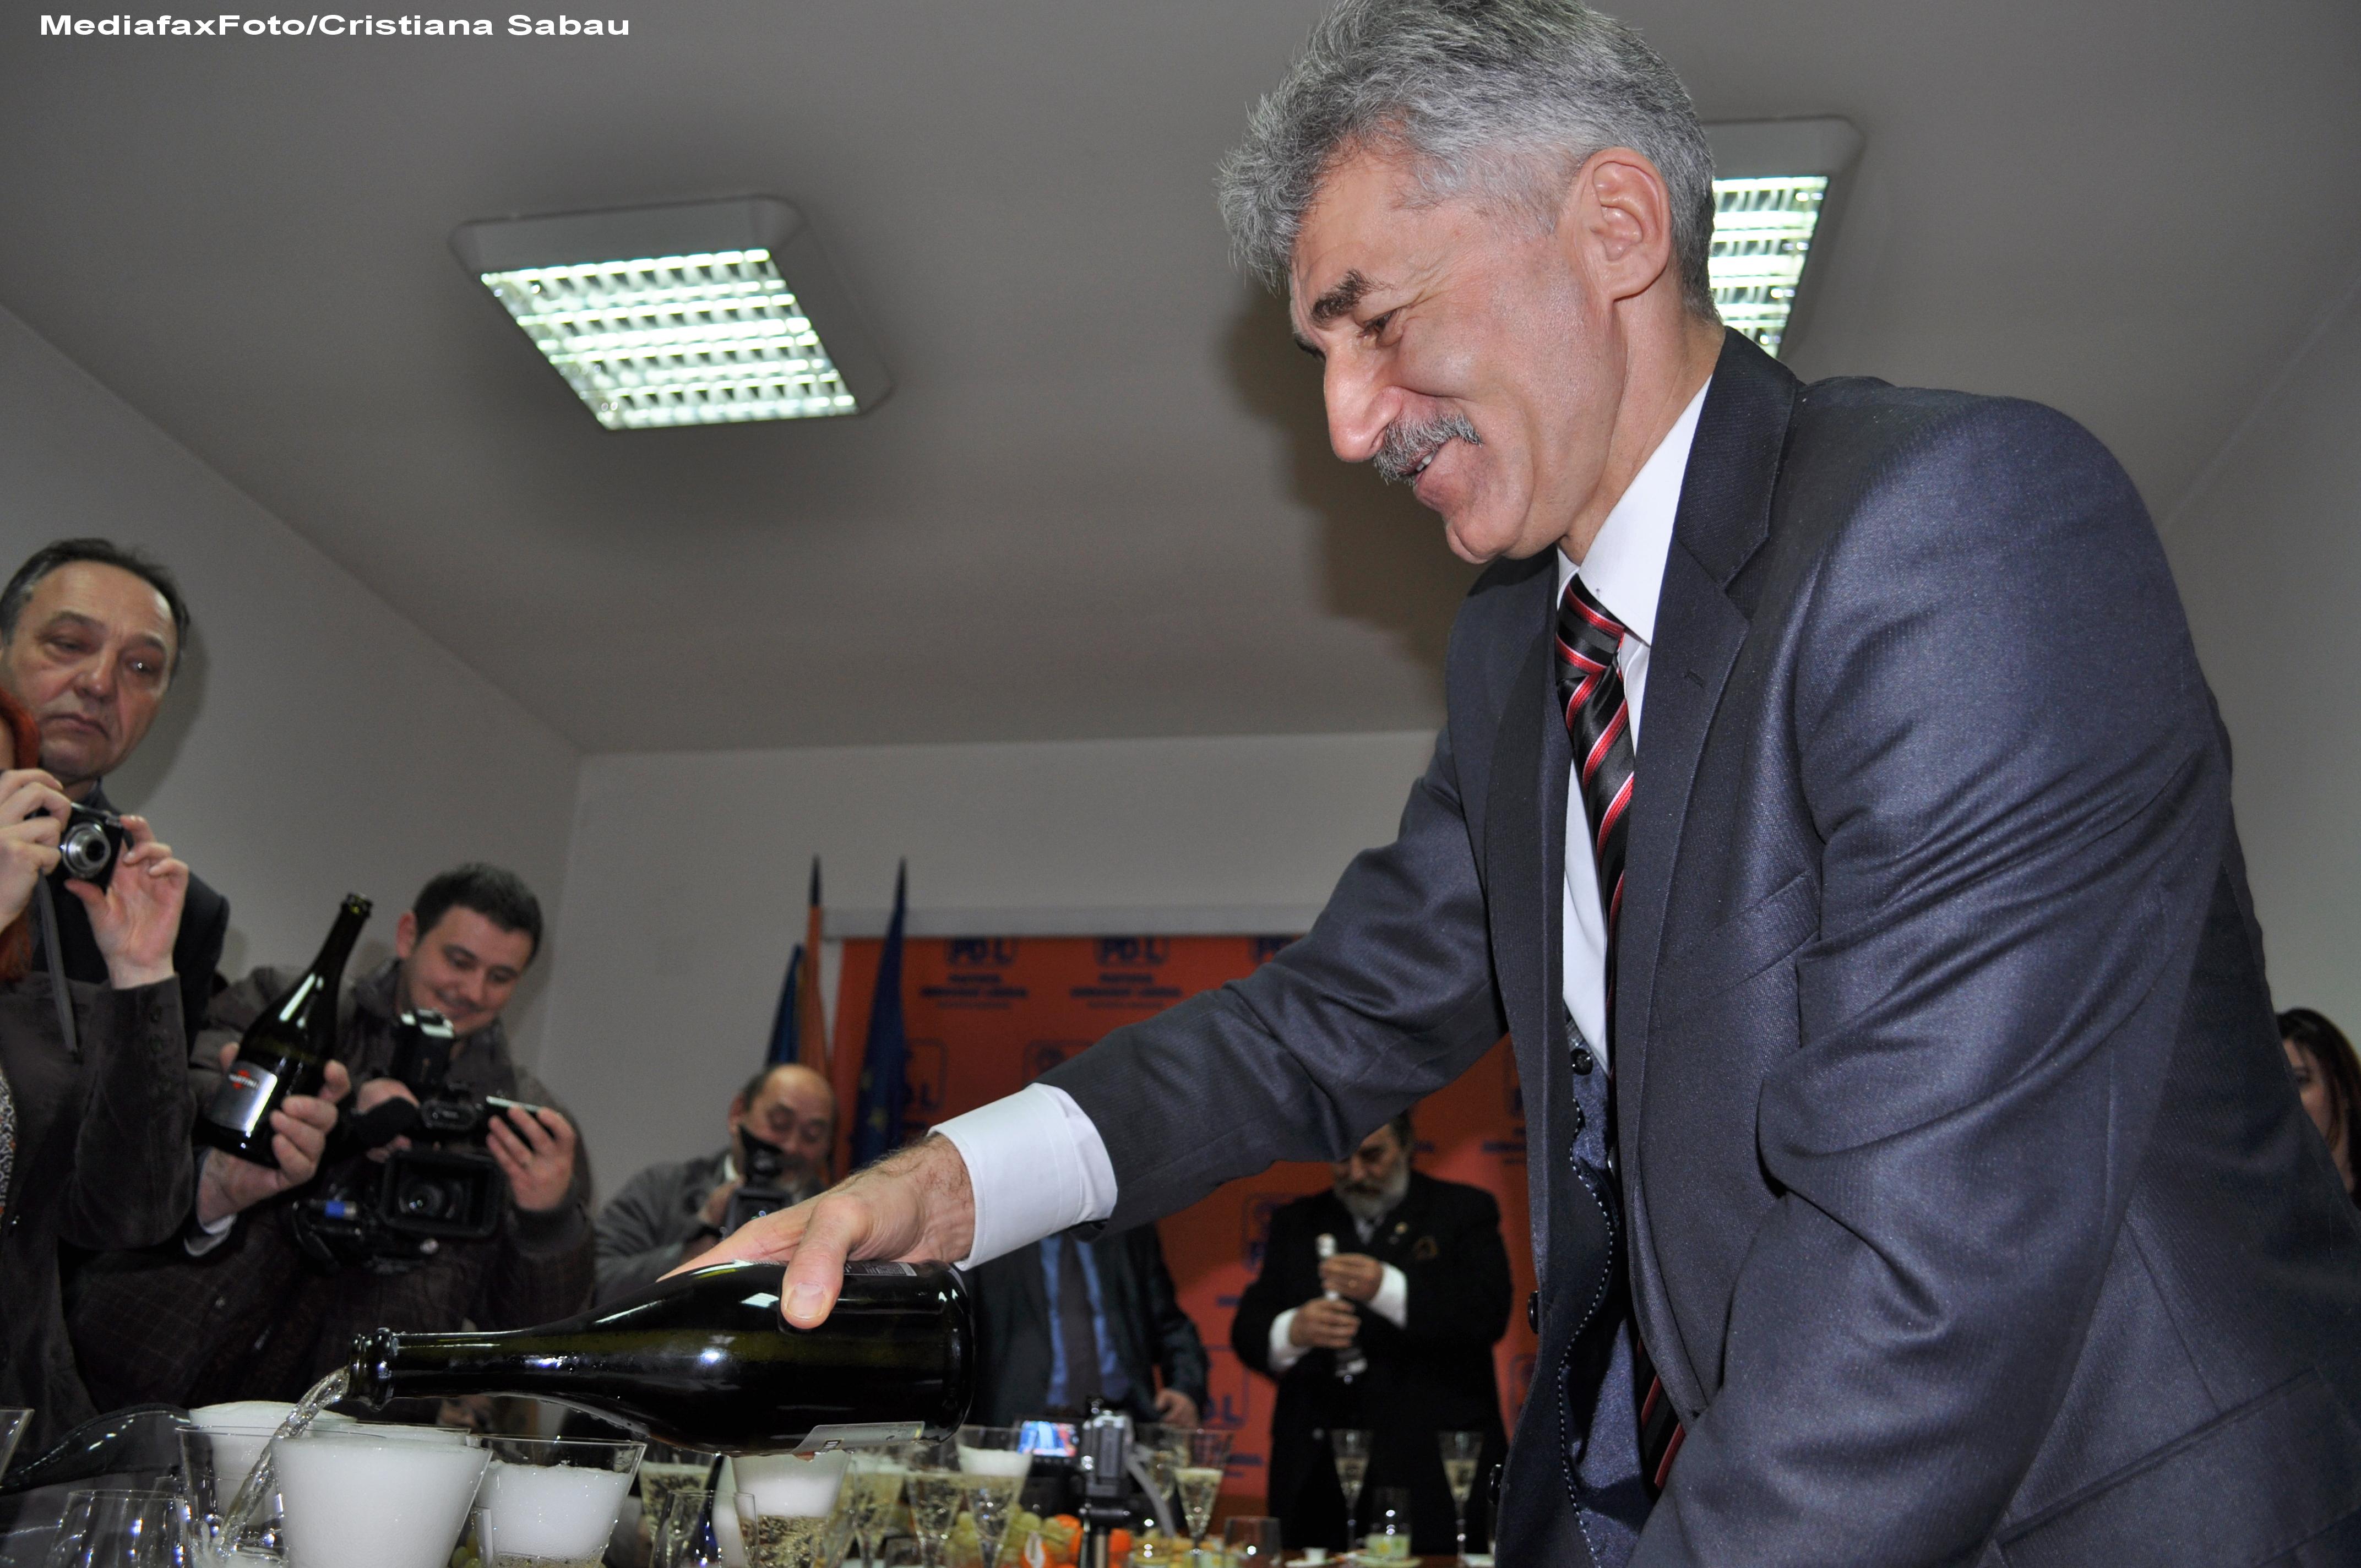 Ioan Oltean acuza USL Bistrita-Nasaud ca foloseste fotografii cu militari pe materiale electorale